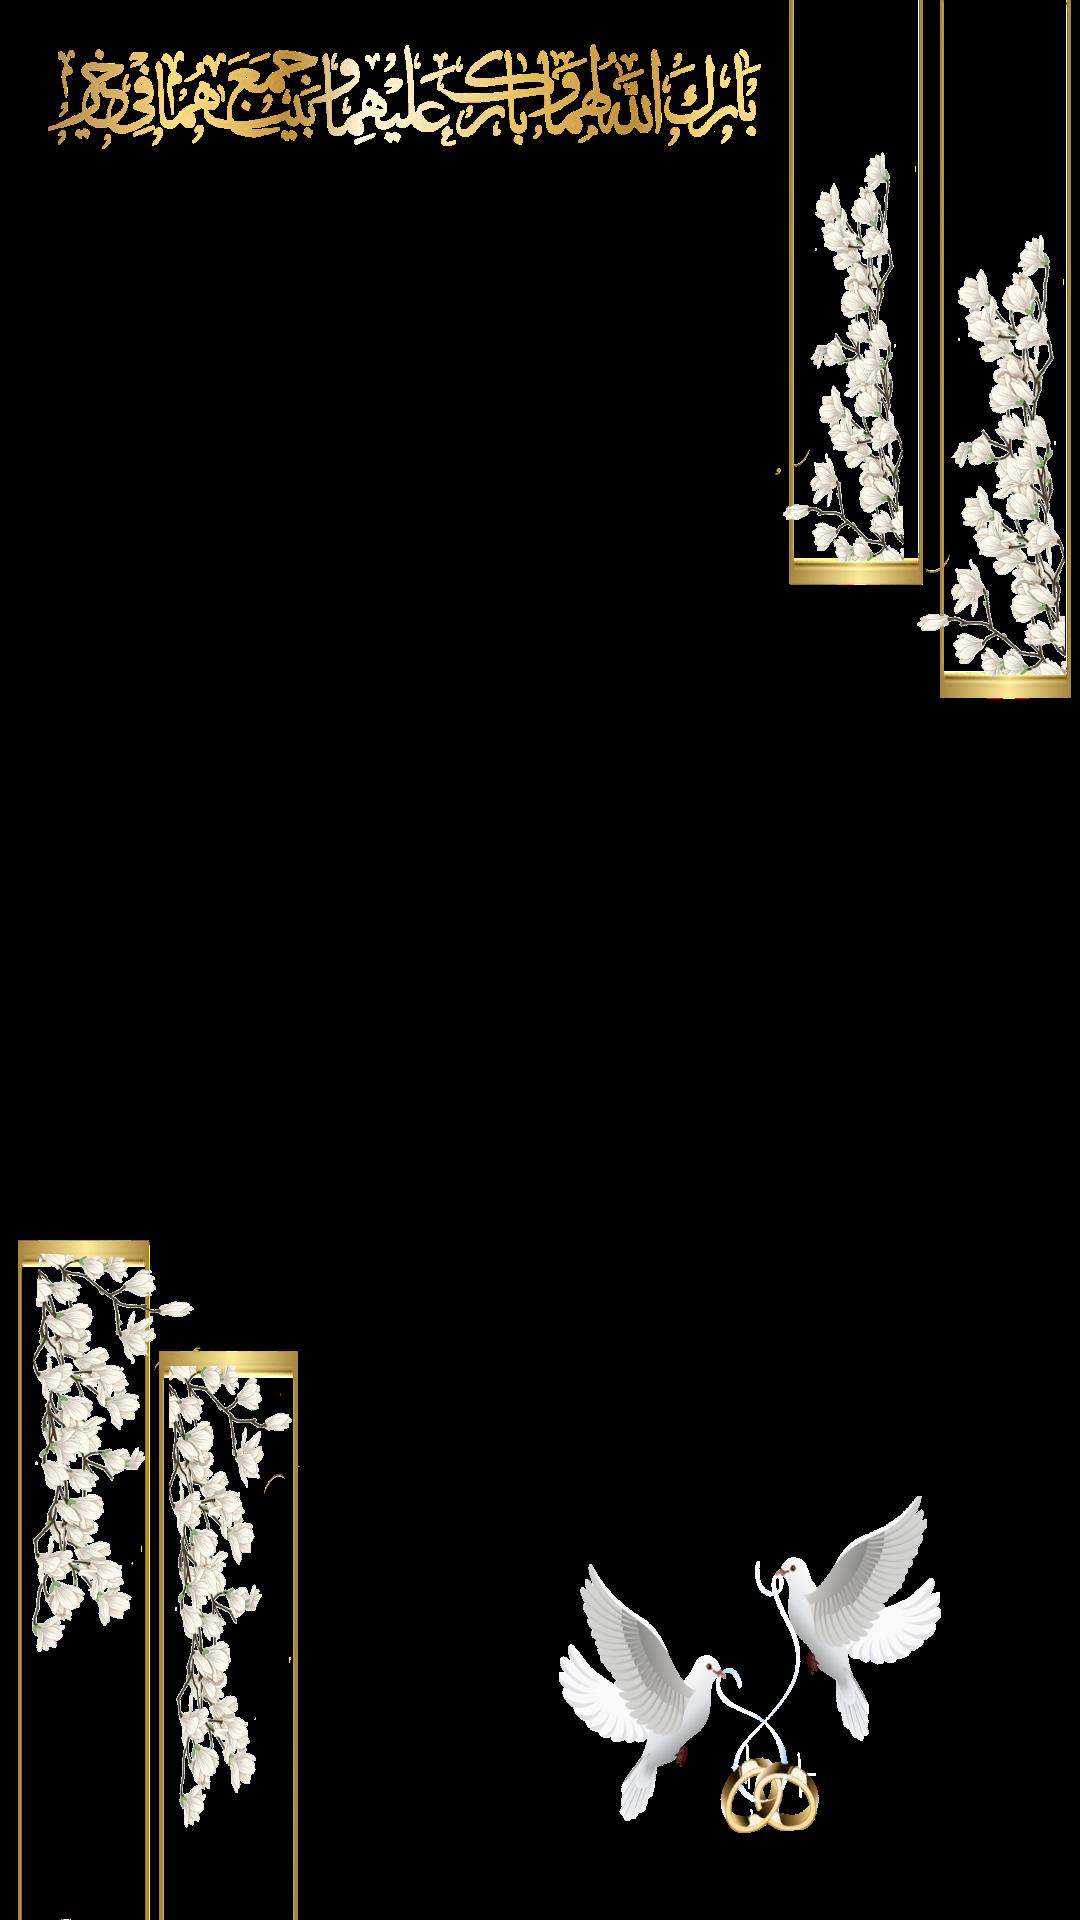 فلتر زواج ميش Freetoedit Photo Collage Template Collage Background Watercolor Wallpaper Iphone